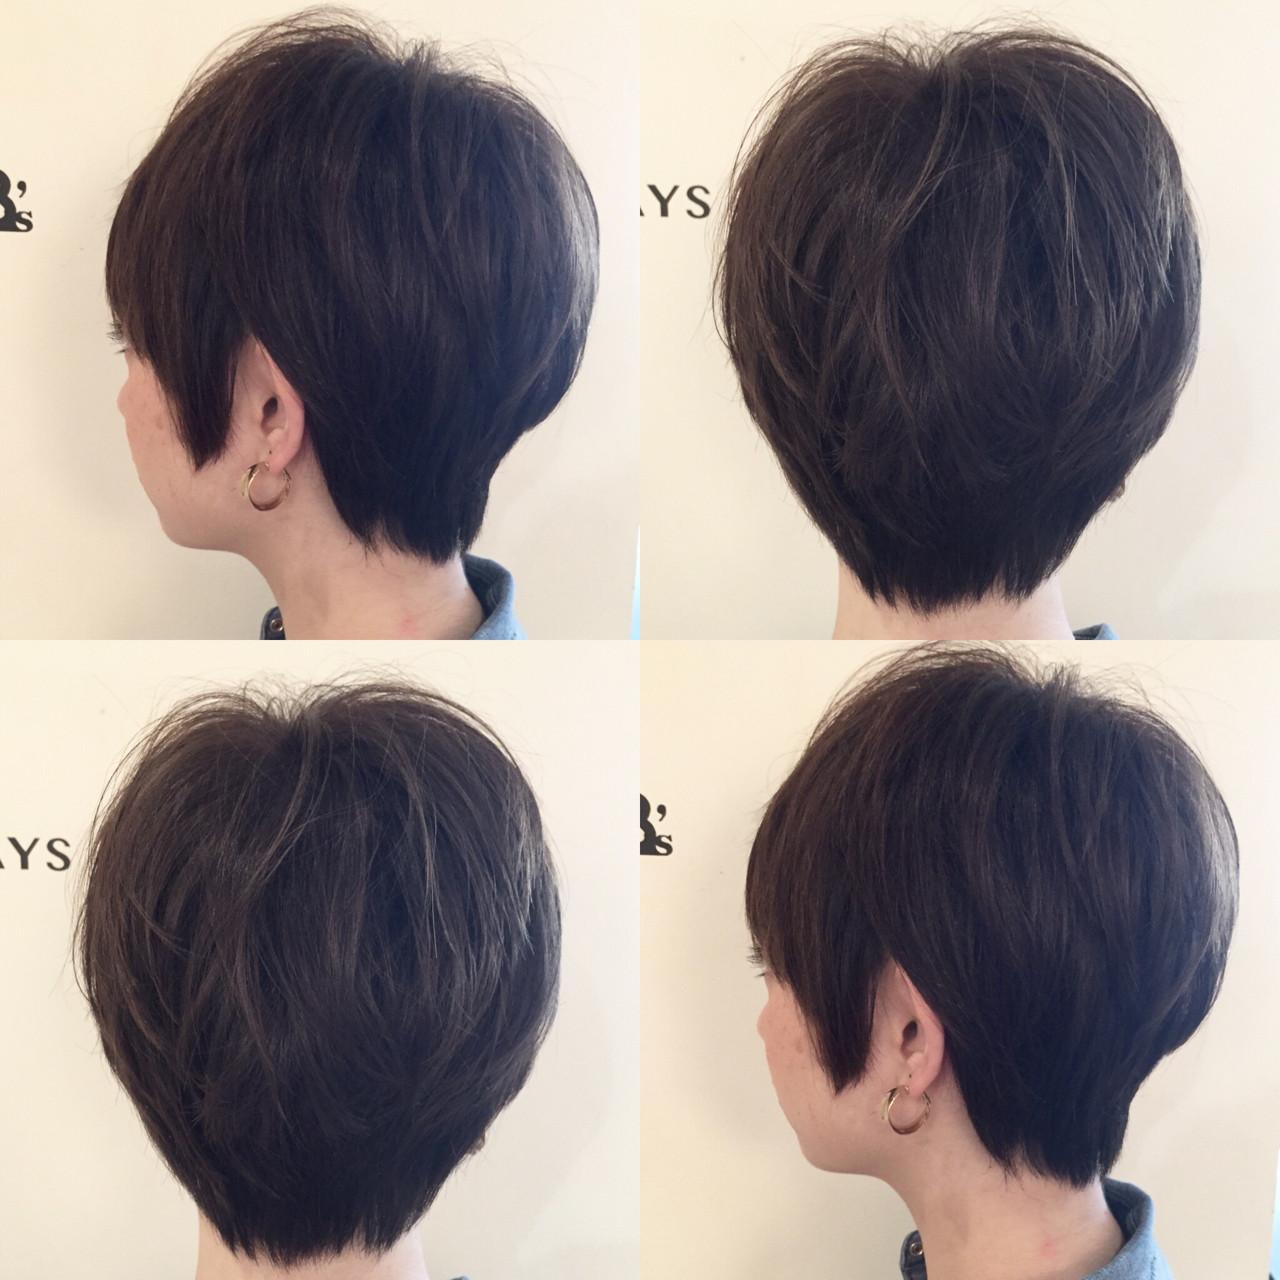 ハイトーン ガーリー アッシュグレージュ ショート ヘアスタイルや髪型の写真・画像 | ナベ / EIGHT hair salon